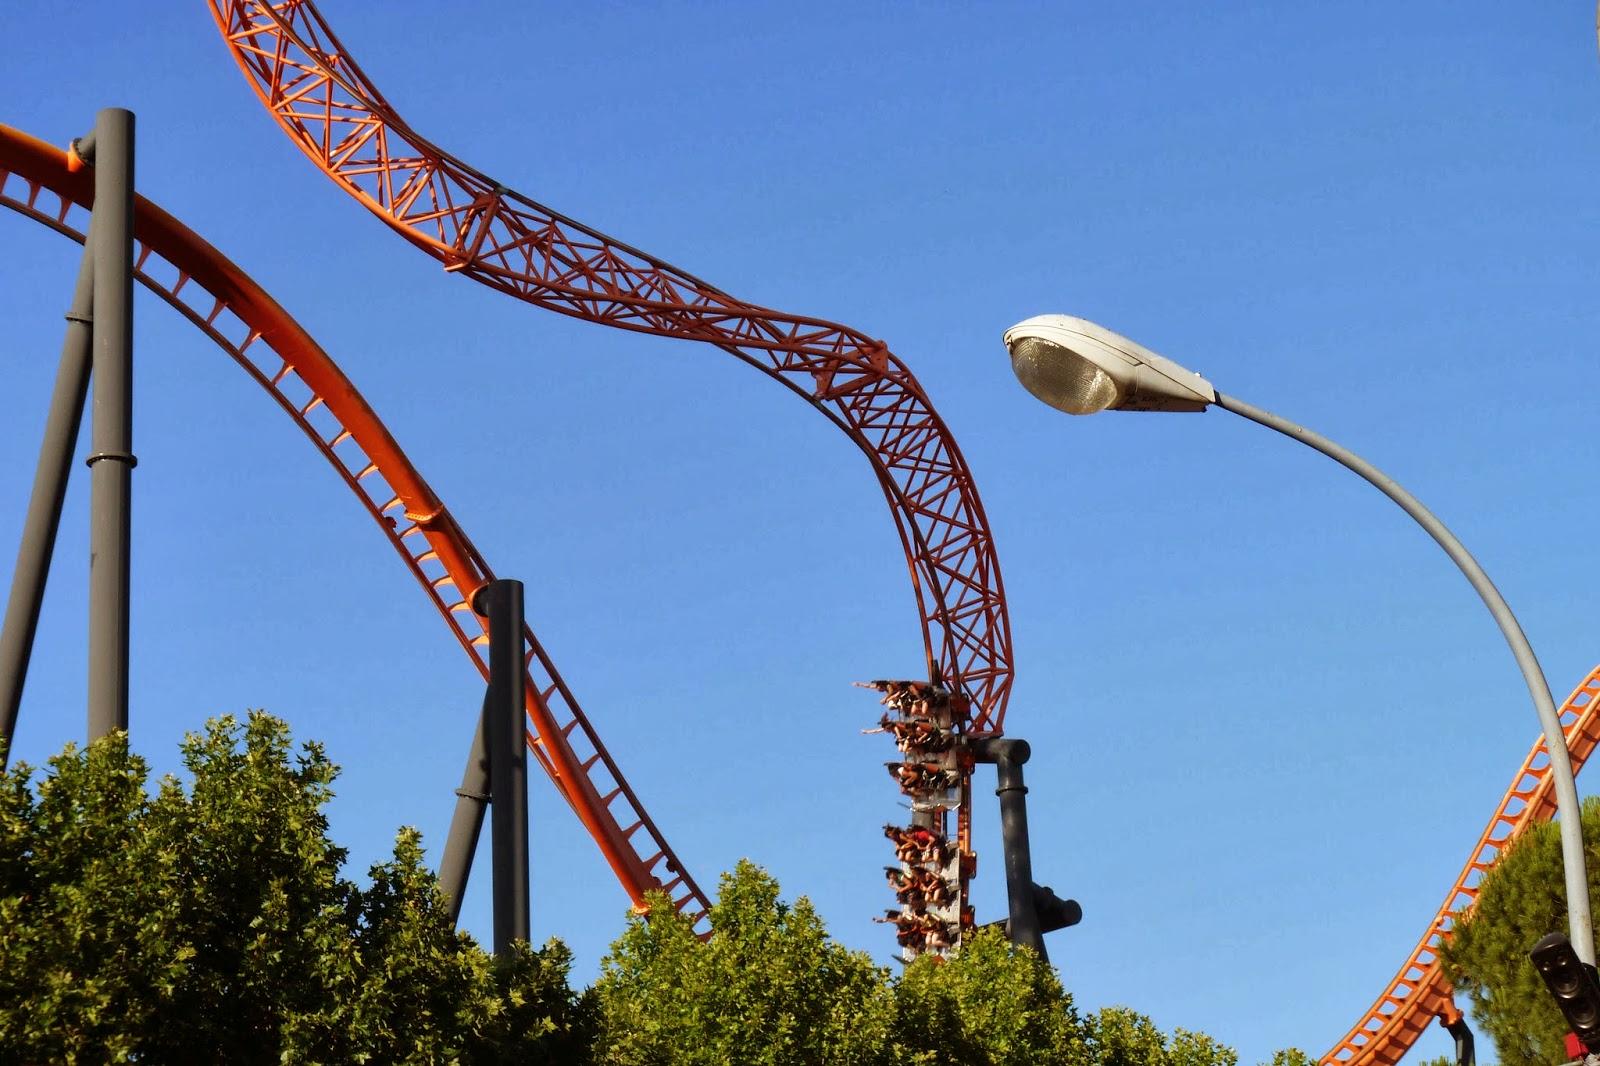 El Abismo-Parque de Atracciones de Madrid.